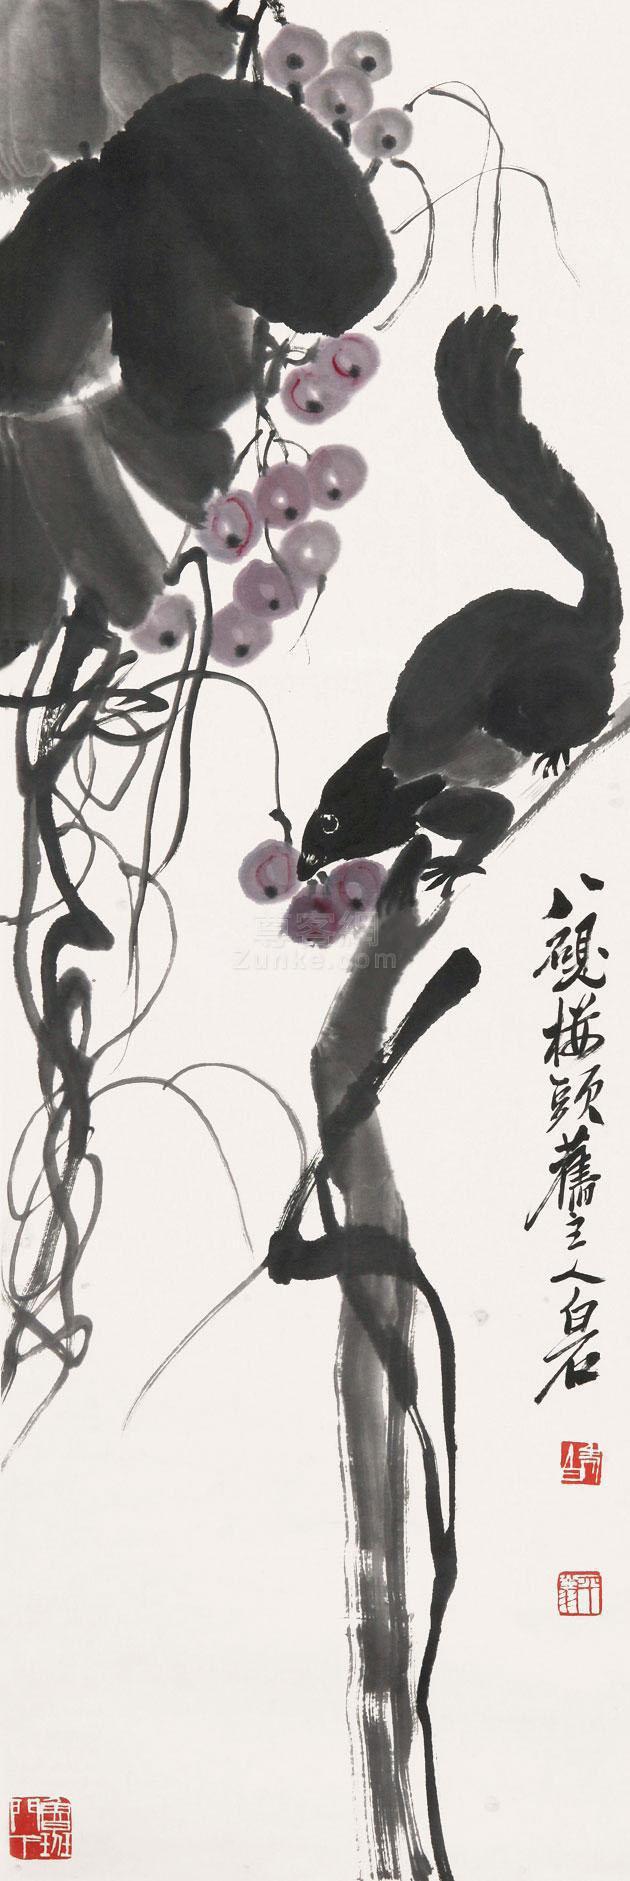 齐白石 松鼠葡萄 立轴 纸本作品欣赏